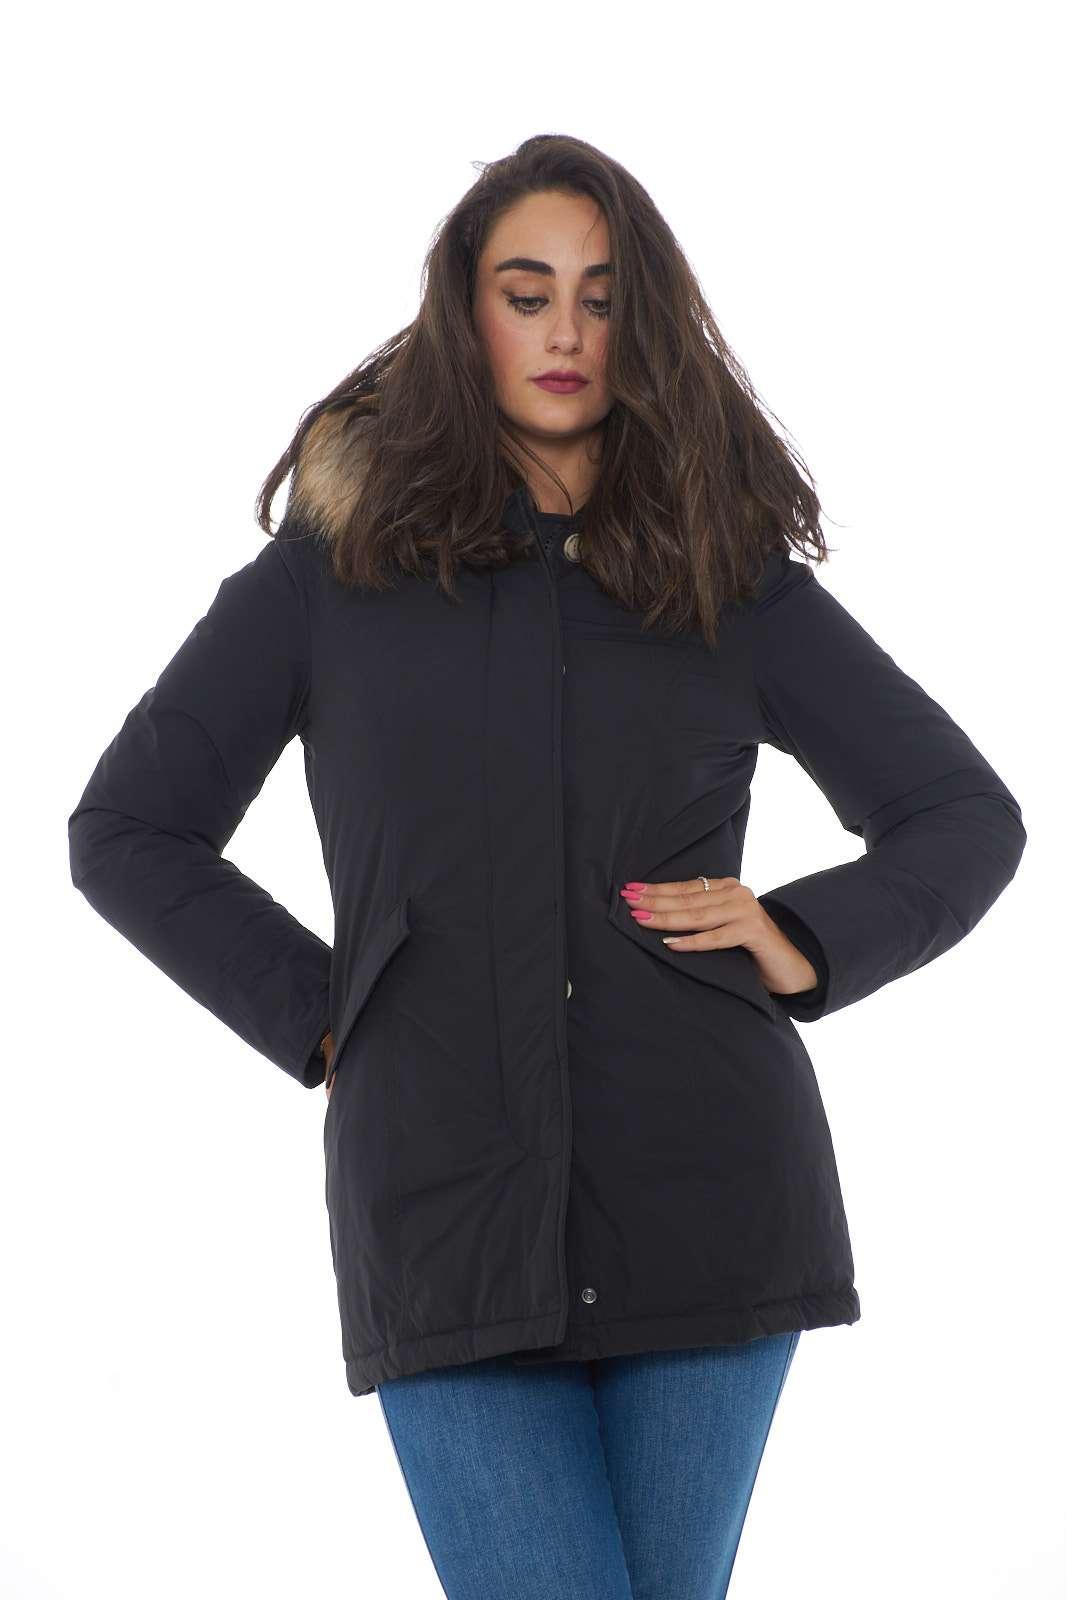 Un capo evergreen l'arctic parka luxury proposto dalla collezione donna Woolrich. Il comodo tessuto si impone su un'imbottitura in piuma e piumino calda e confortevole. Indicato per le fredde giornate invernali è un capo essenziale ed eterno.